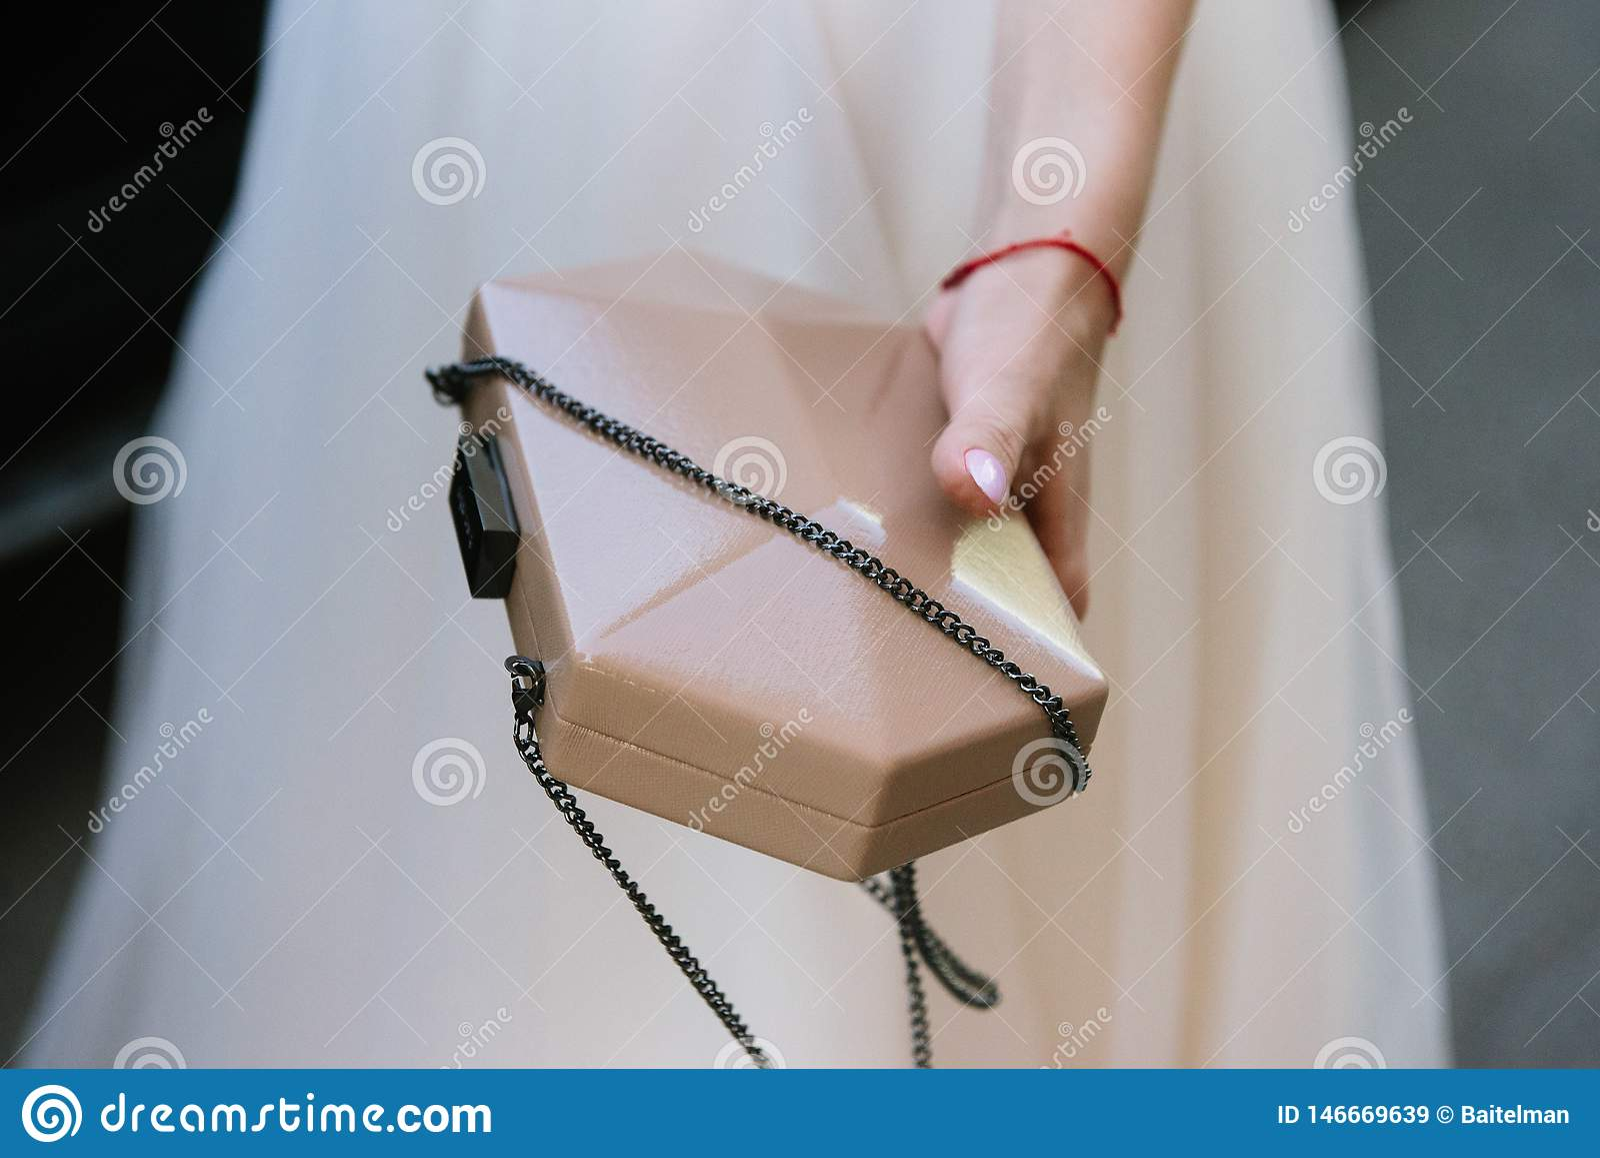 De vrouw houdt ter beschikking een kleine vrouwelijke handtas